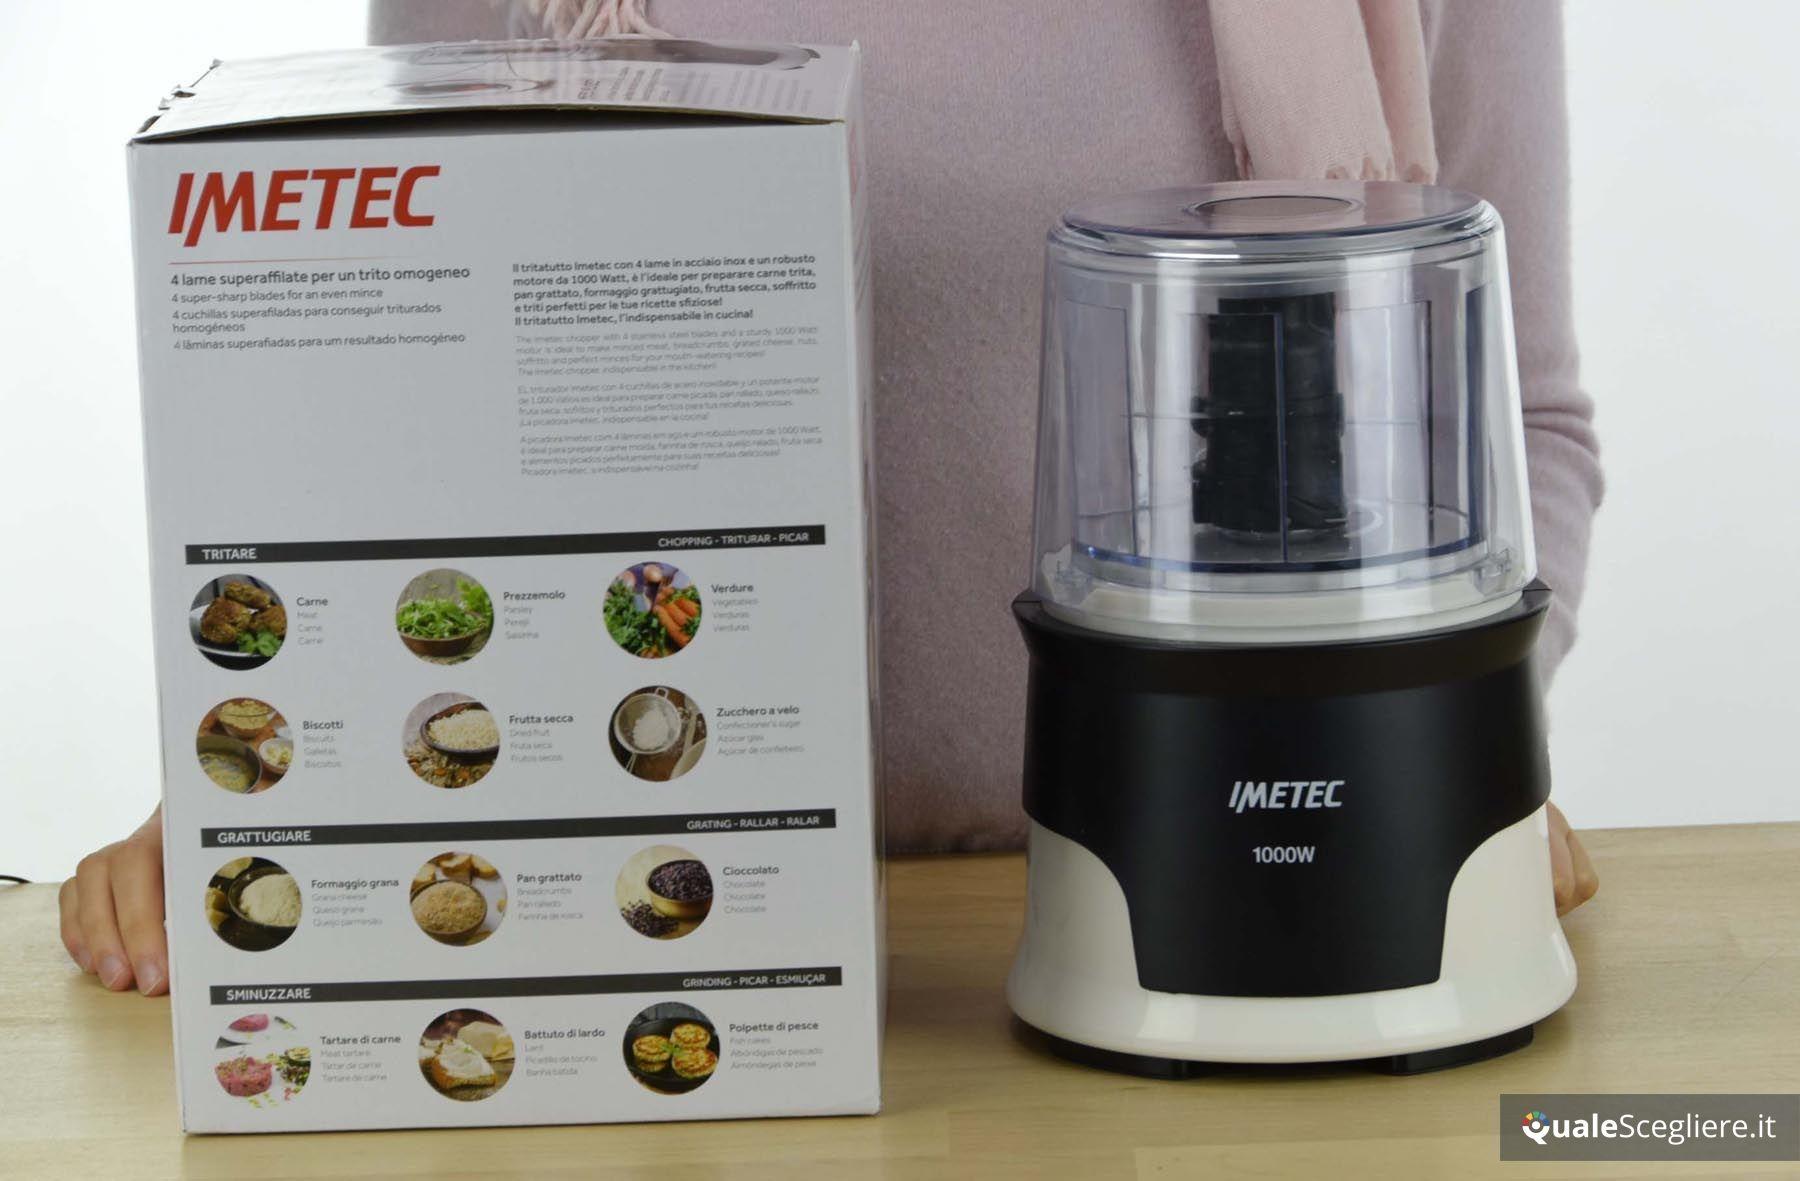 Αποτέλεσμα εικόνας για IMETEC 7256